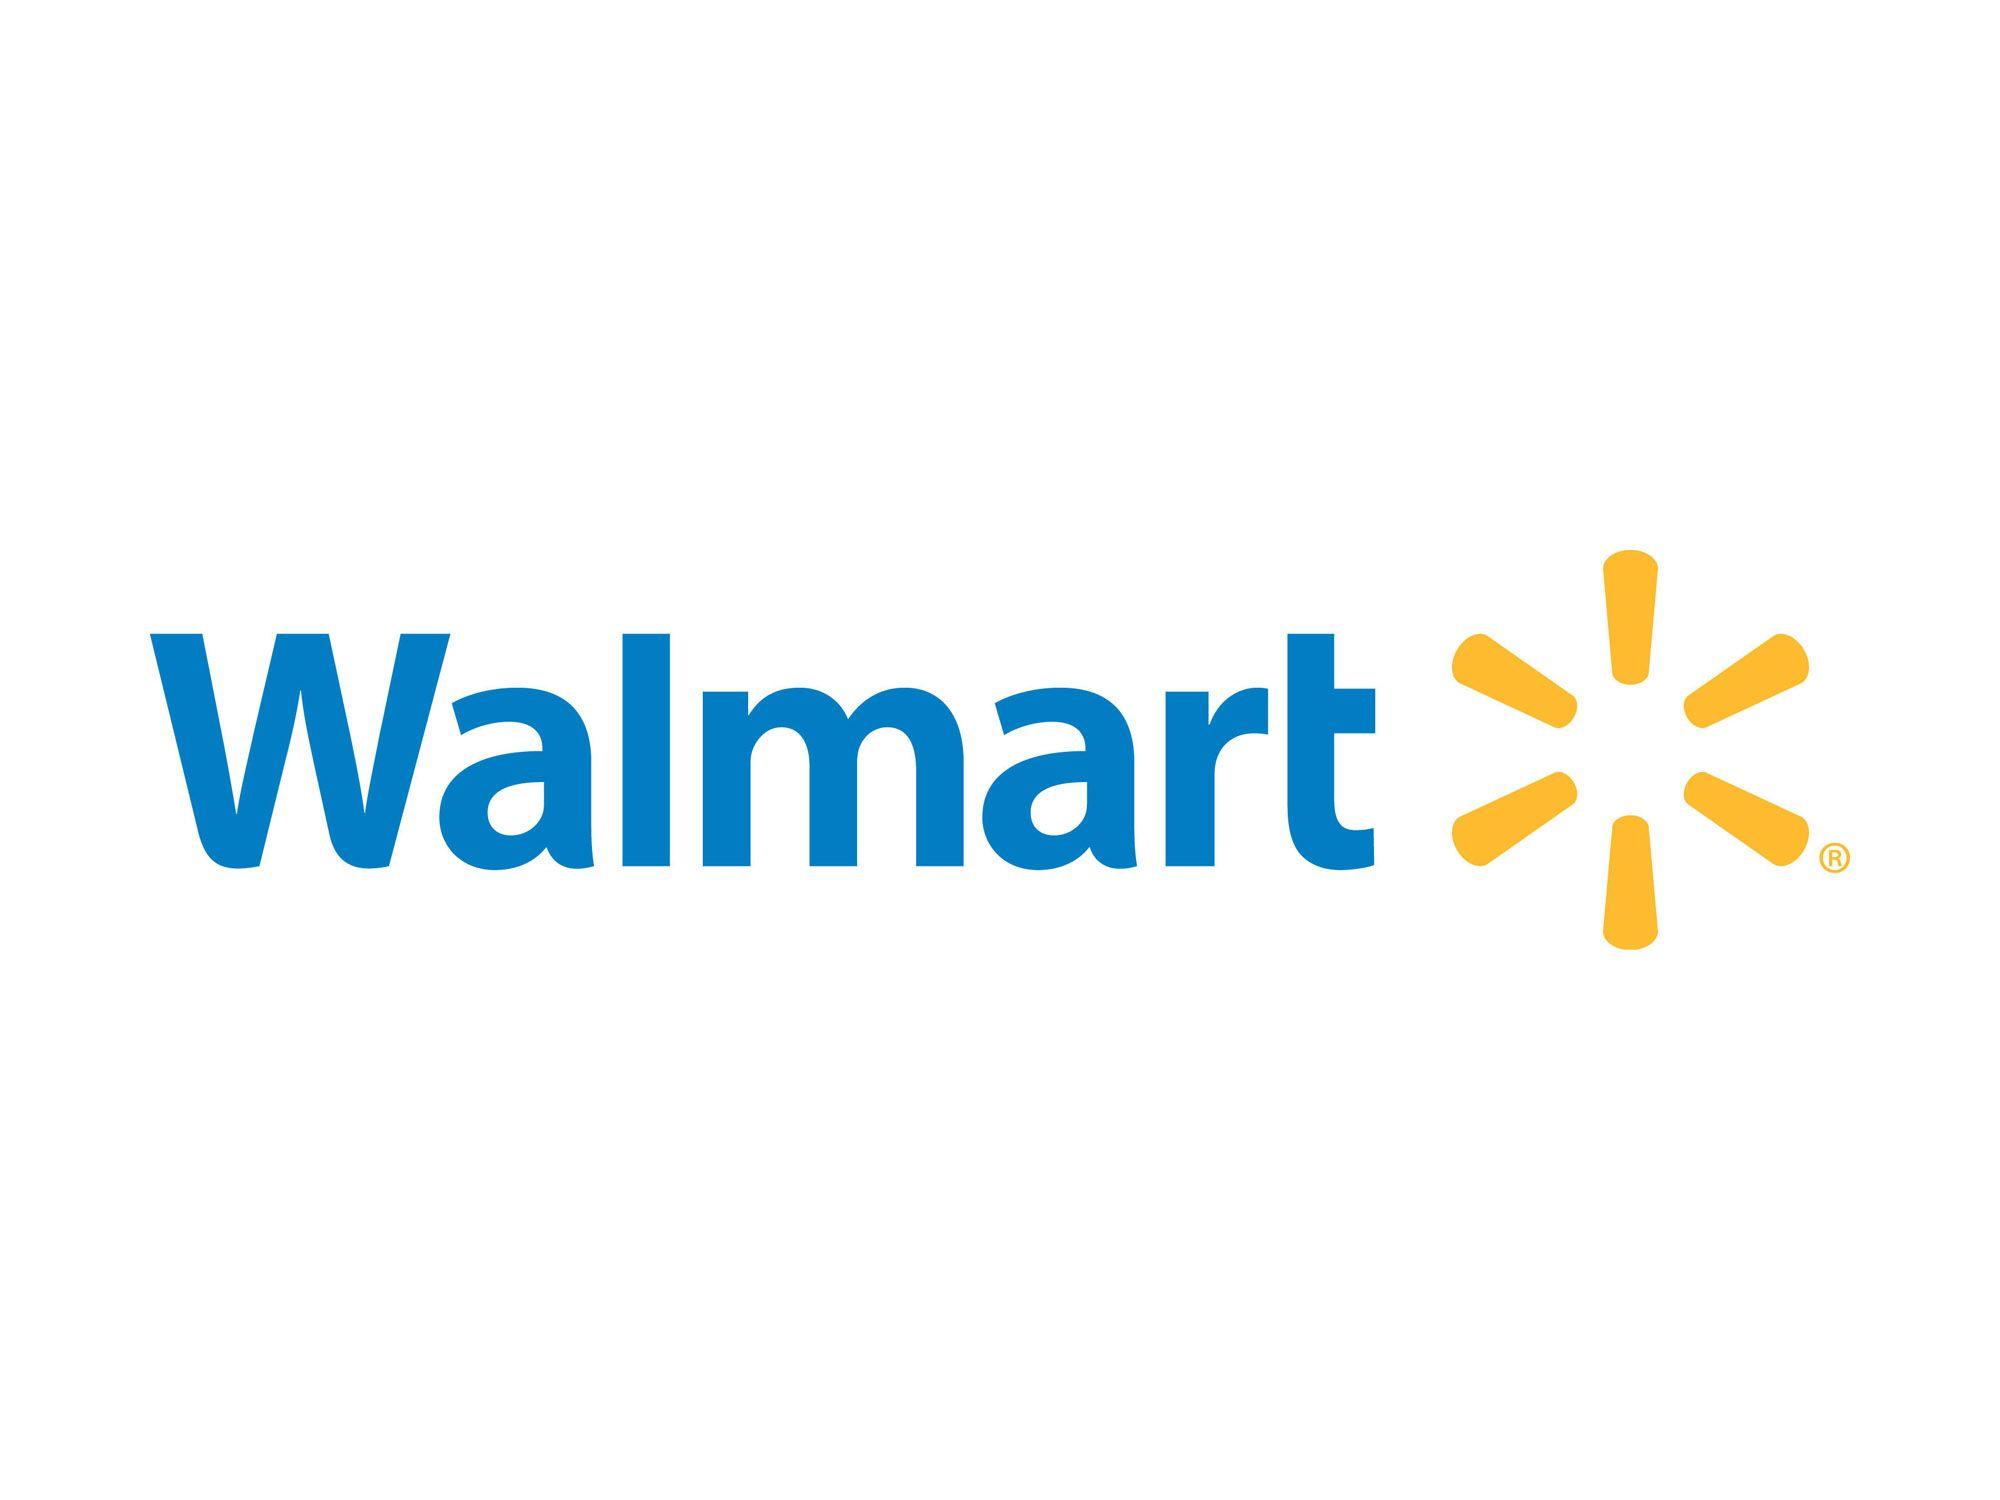 Logotipo Walmart | Logotipos | Pinterest | Walmart, Logotipos y Mercadeo